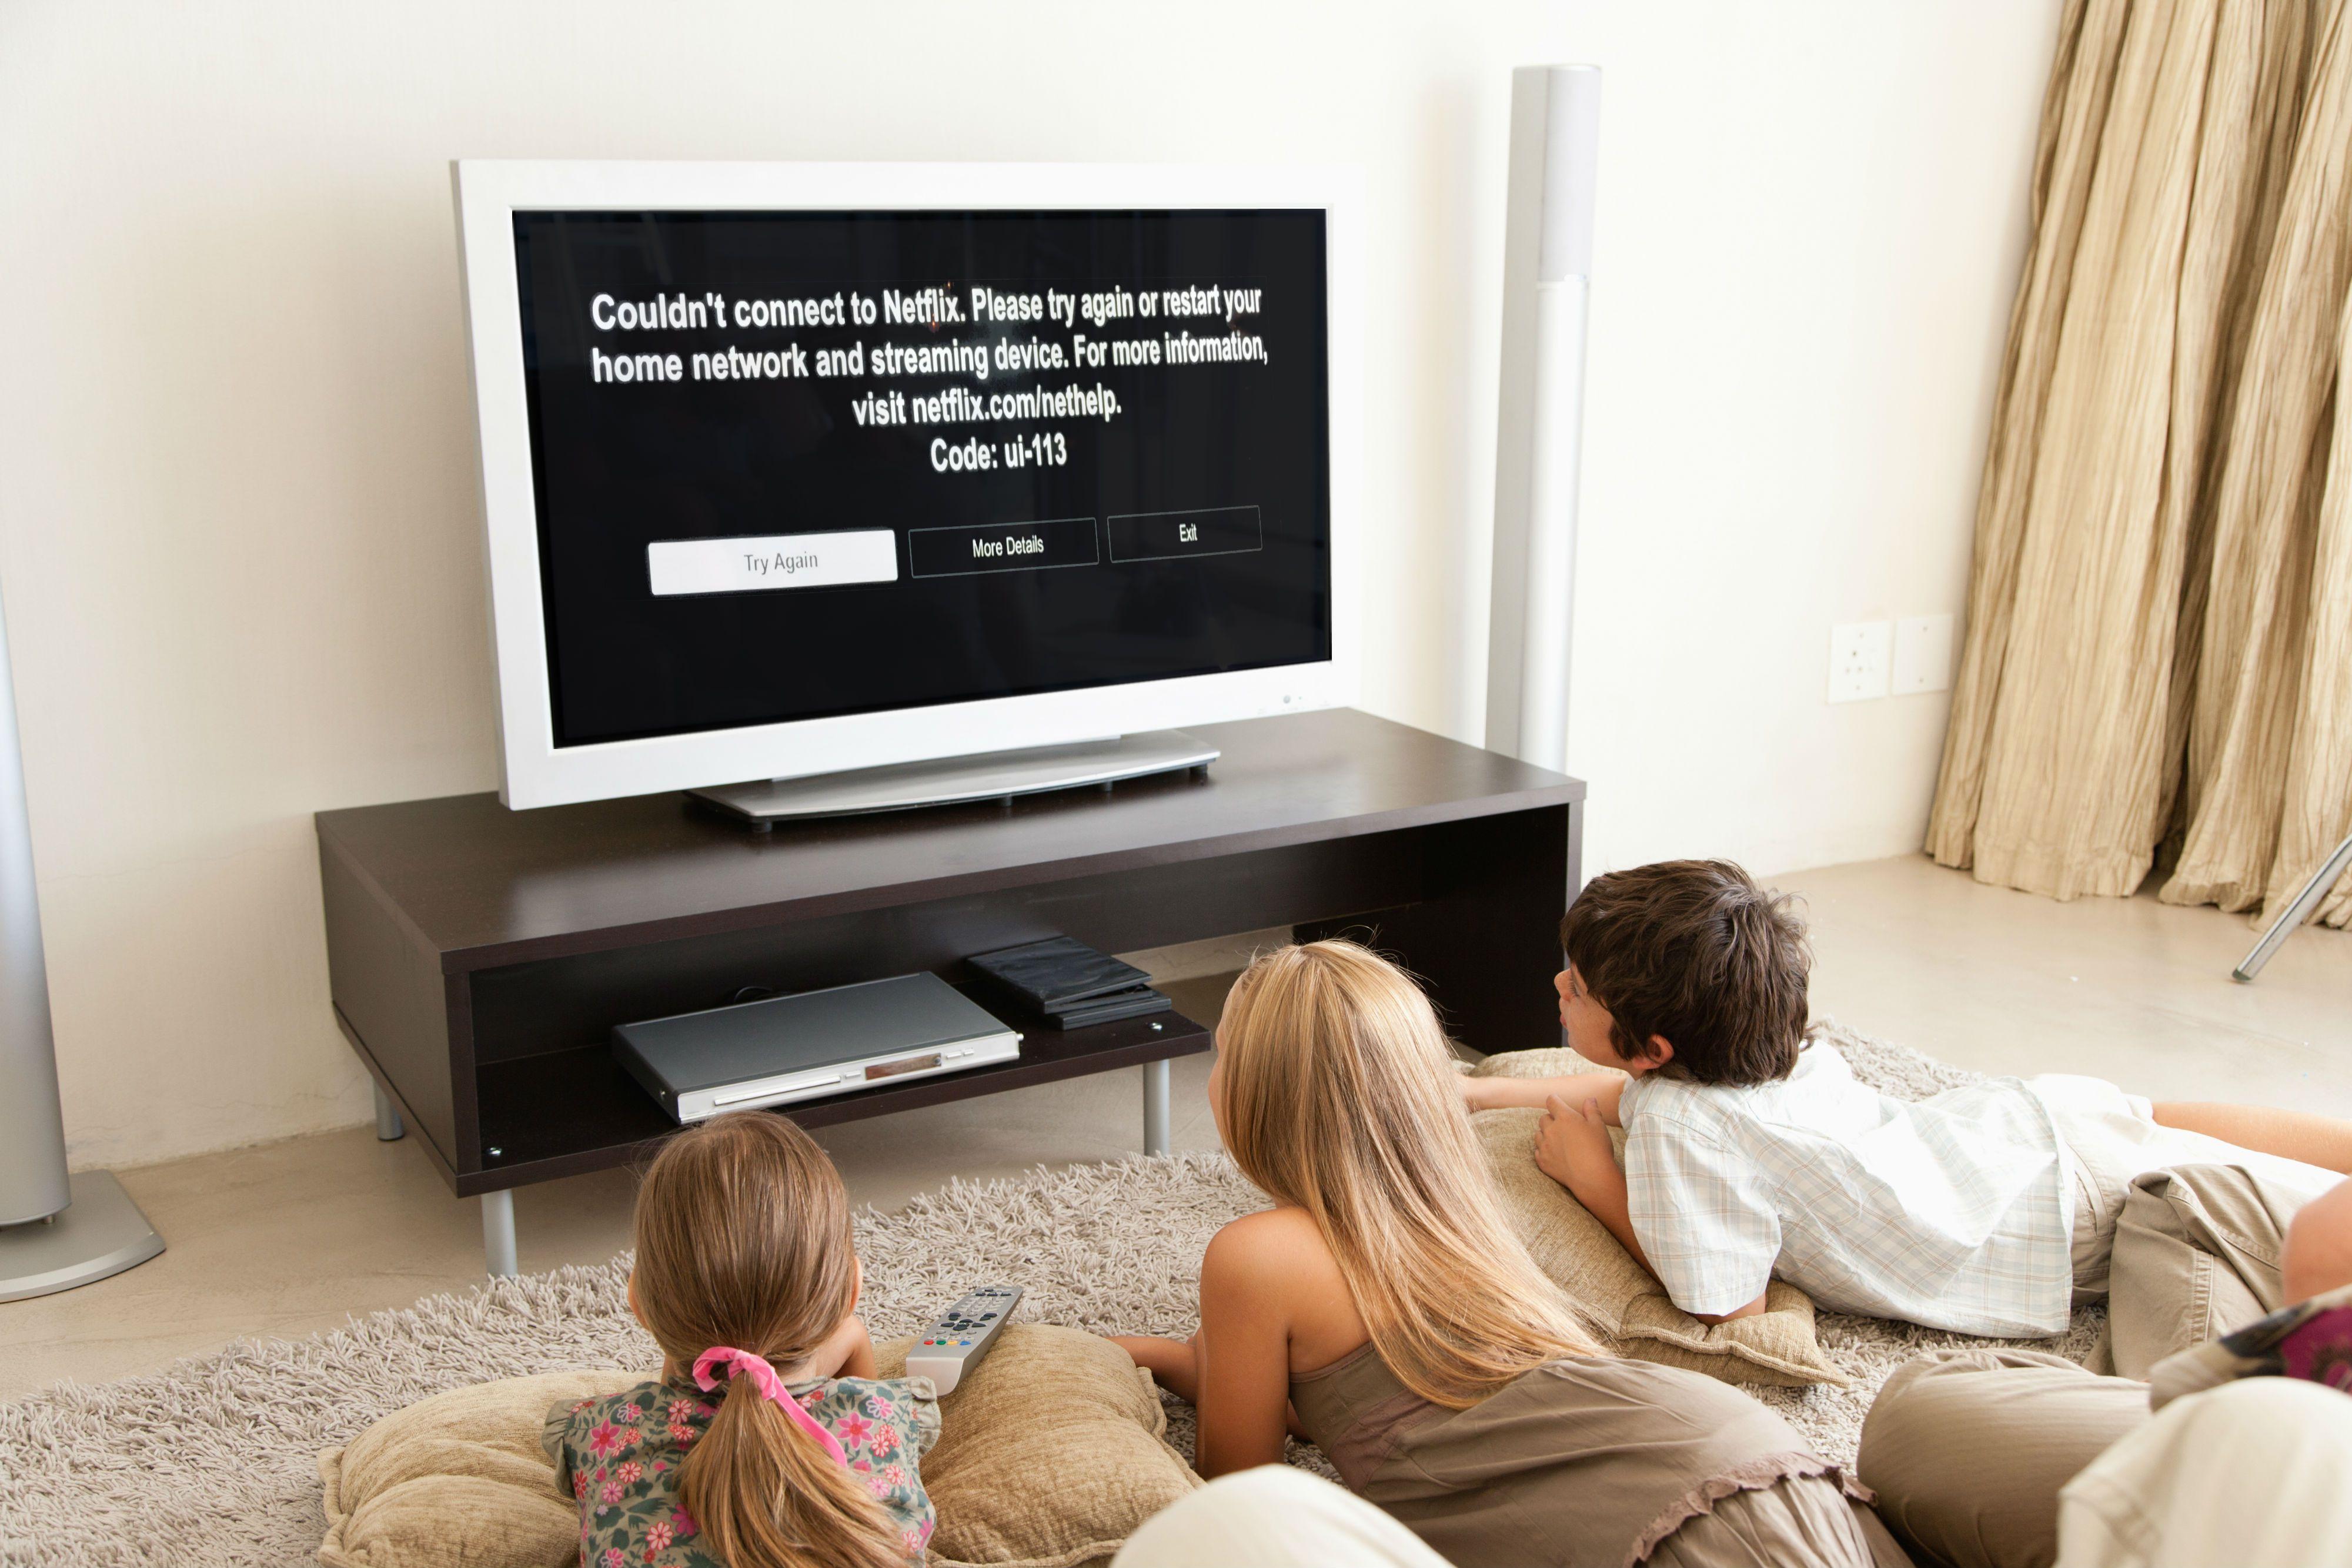 Netflix tv help connect